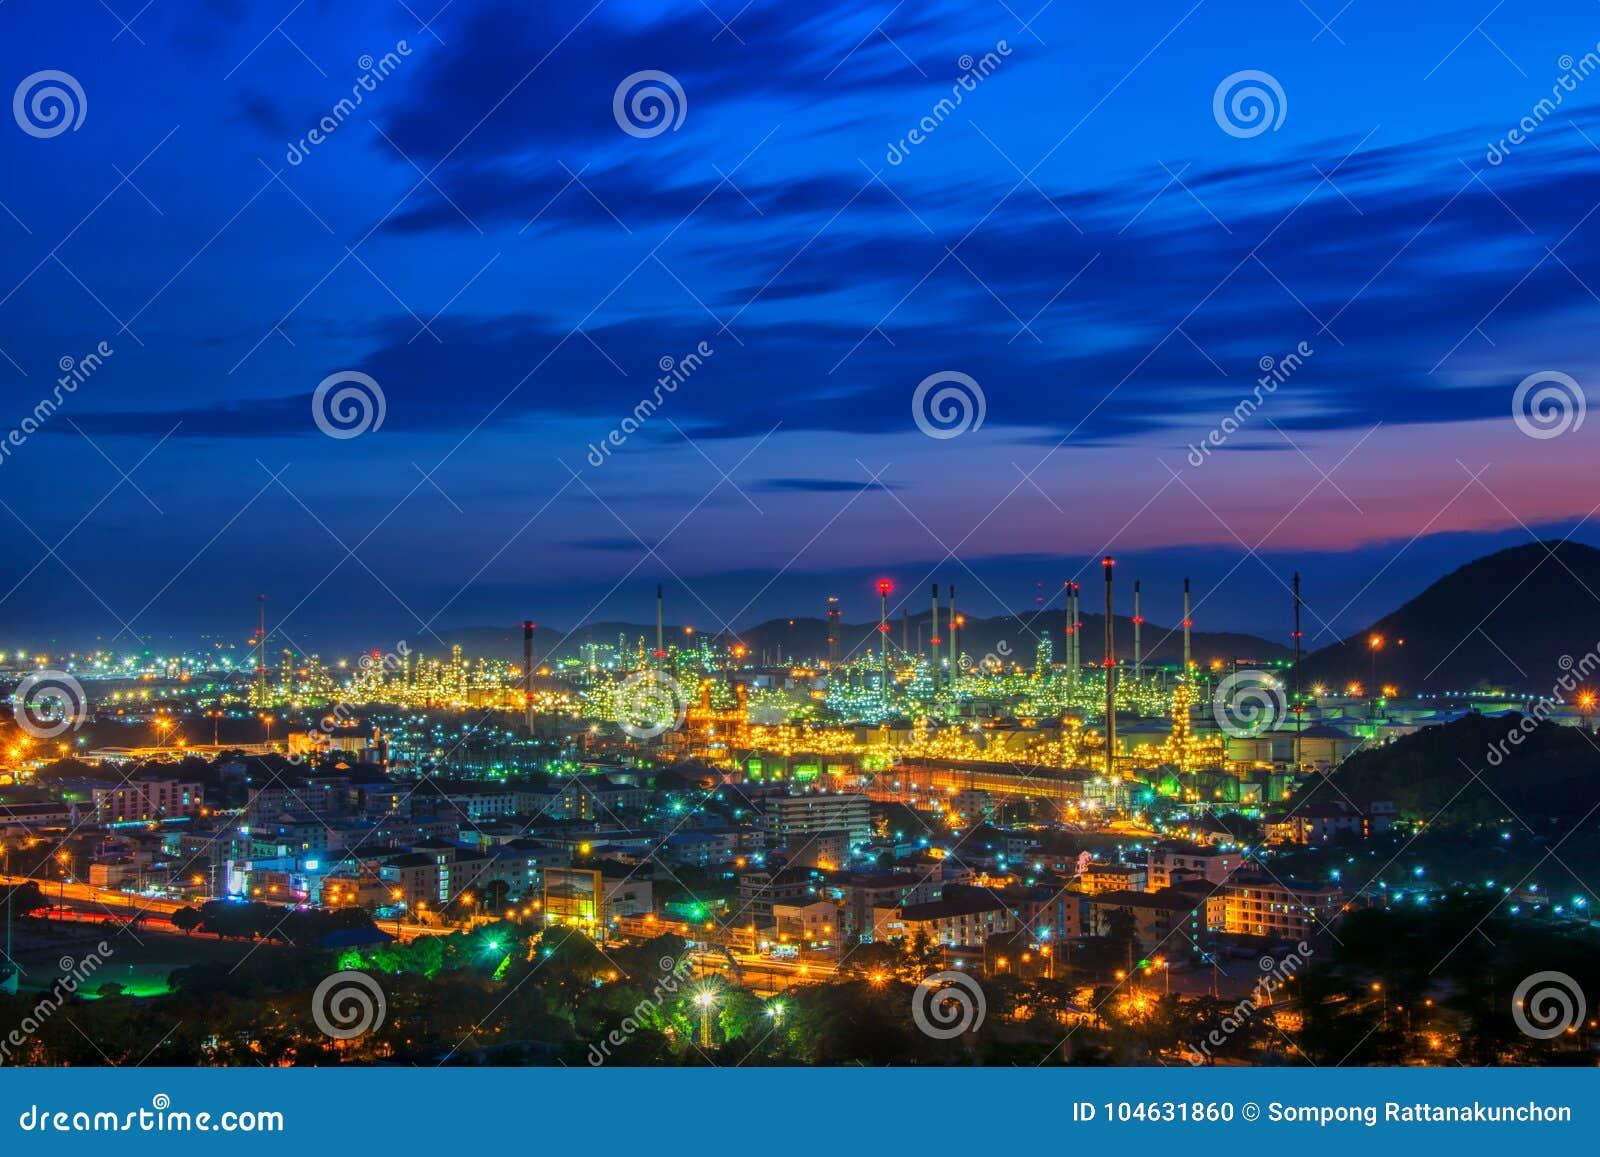 Ландшафт дороги и нефтеперерабатывающего предприятия